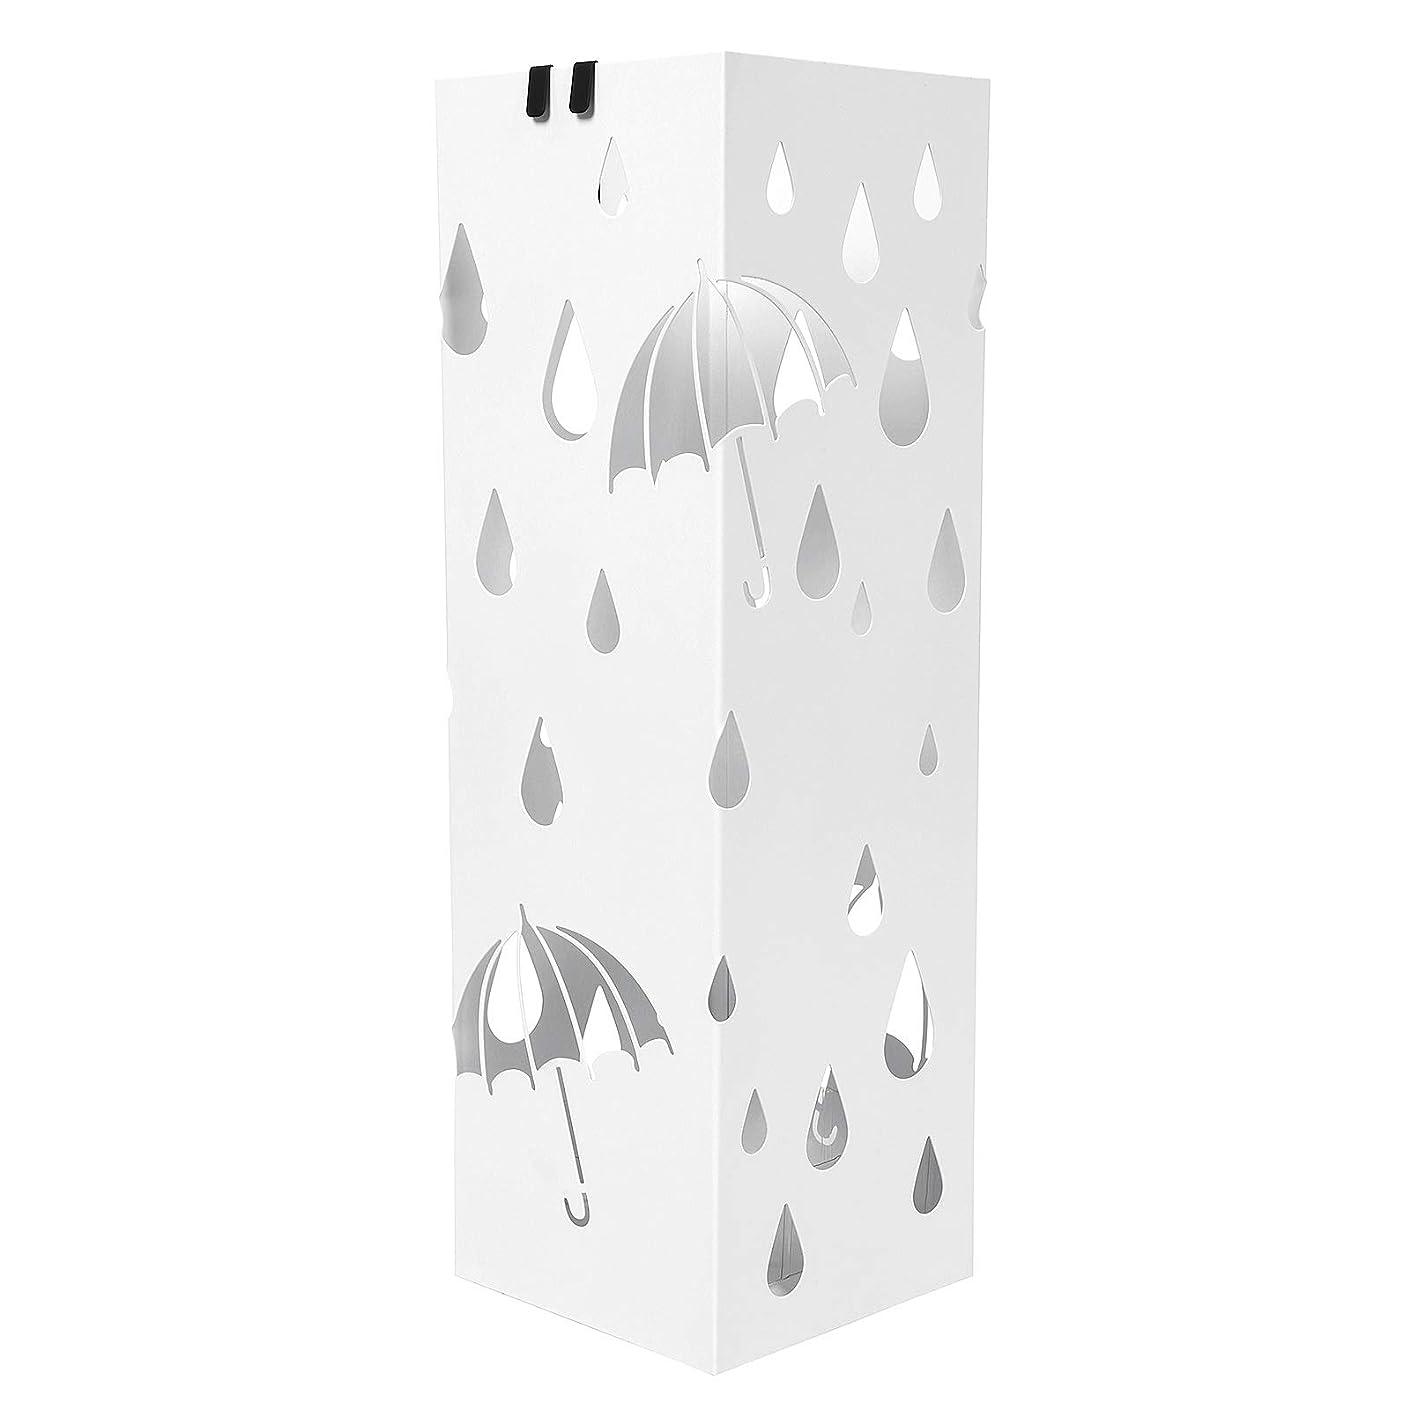 トラフィックマイナス喉頭SONGMICS 傘立て 傘たて おしゃれ 水受けトレイ付き アンブレラスタンド 折り畳み傘兼用 玄関収納 傘入れ ホワイト NLUC49WV1